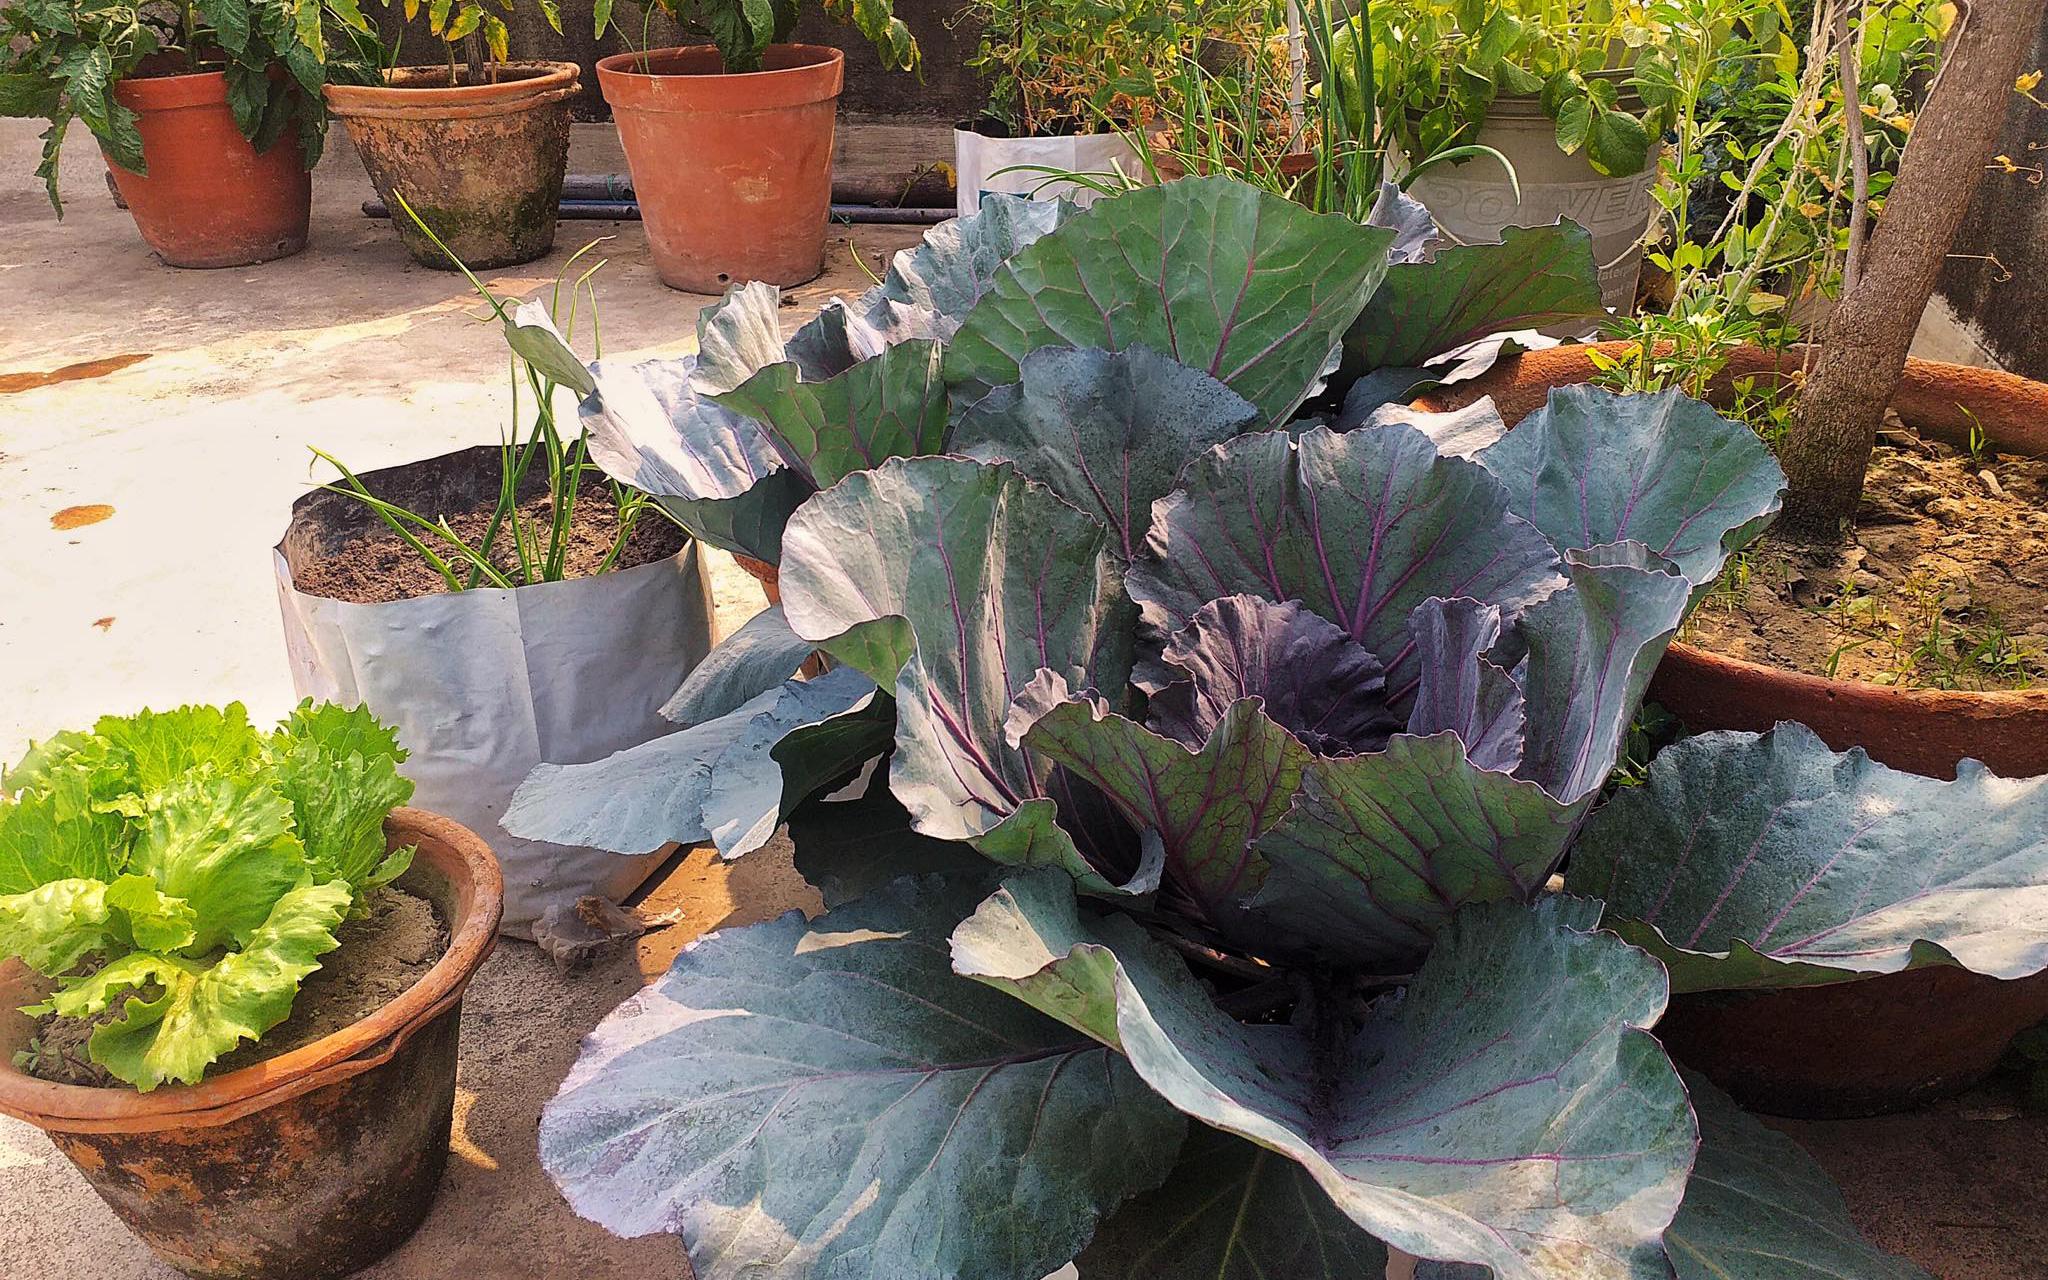 Sân thượng nắng chói chang vẫn trồng cả ''trang trại'' rau quả xanh um nhờ bí quyết đơn giản của chàng trai trẻ